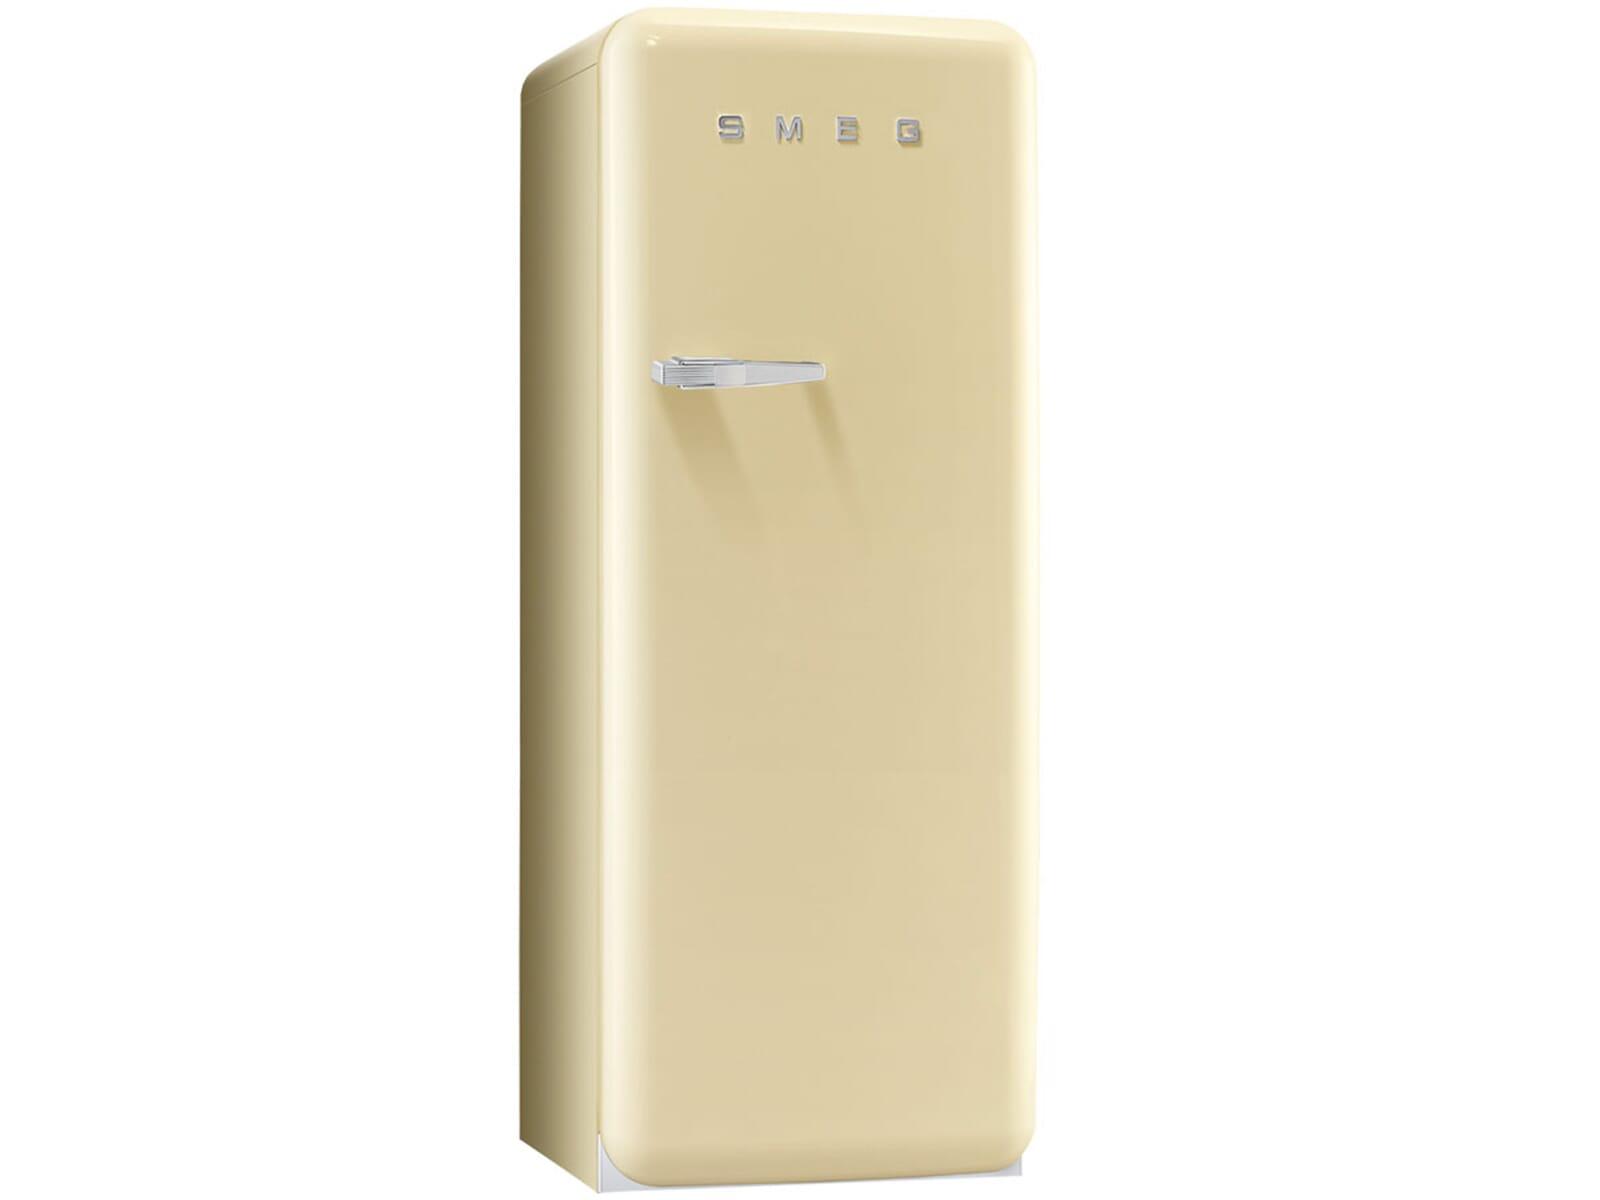 Smeg Kühlschrank Mini : Smeg kühlschrank retro awesome mini kühlschrank von smeg küche